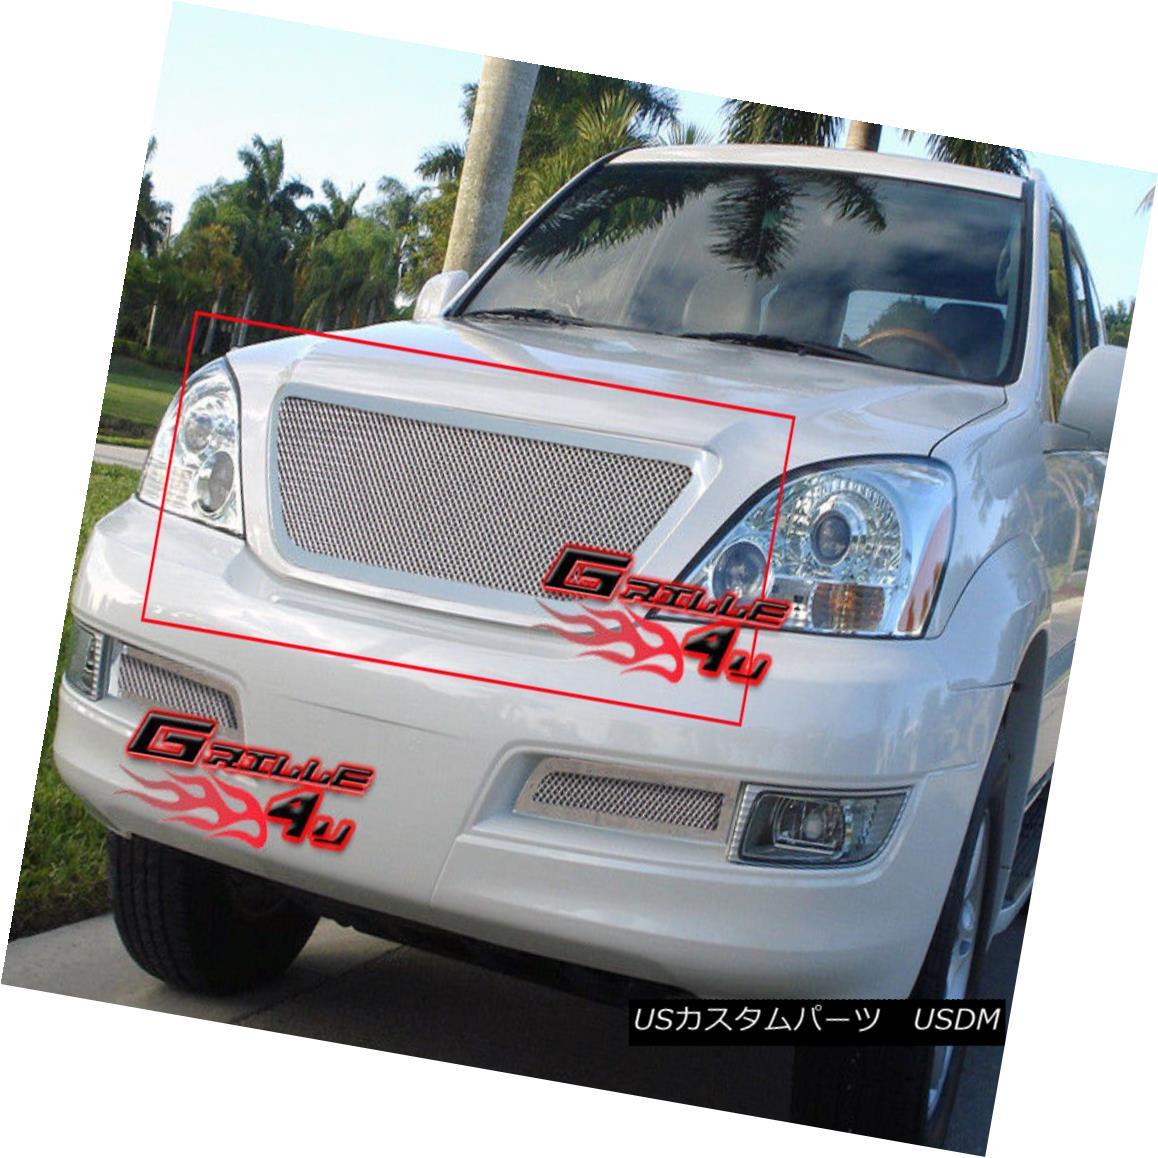 グリル Fits 2003-2009 Lexus GX470 Stainless Mesh Grille Insert フィット2003-2009レクサスGX470ステンレスメッシュグリルインサート